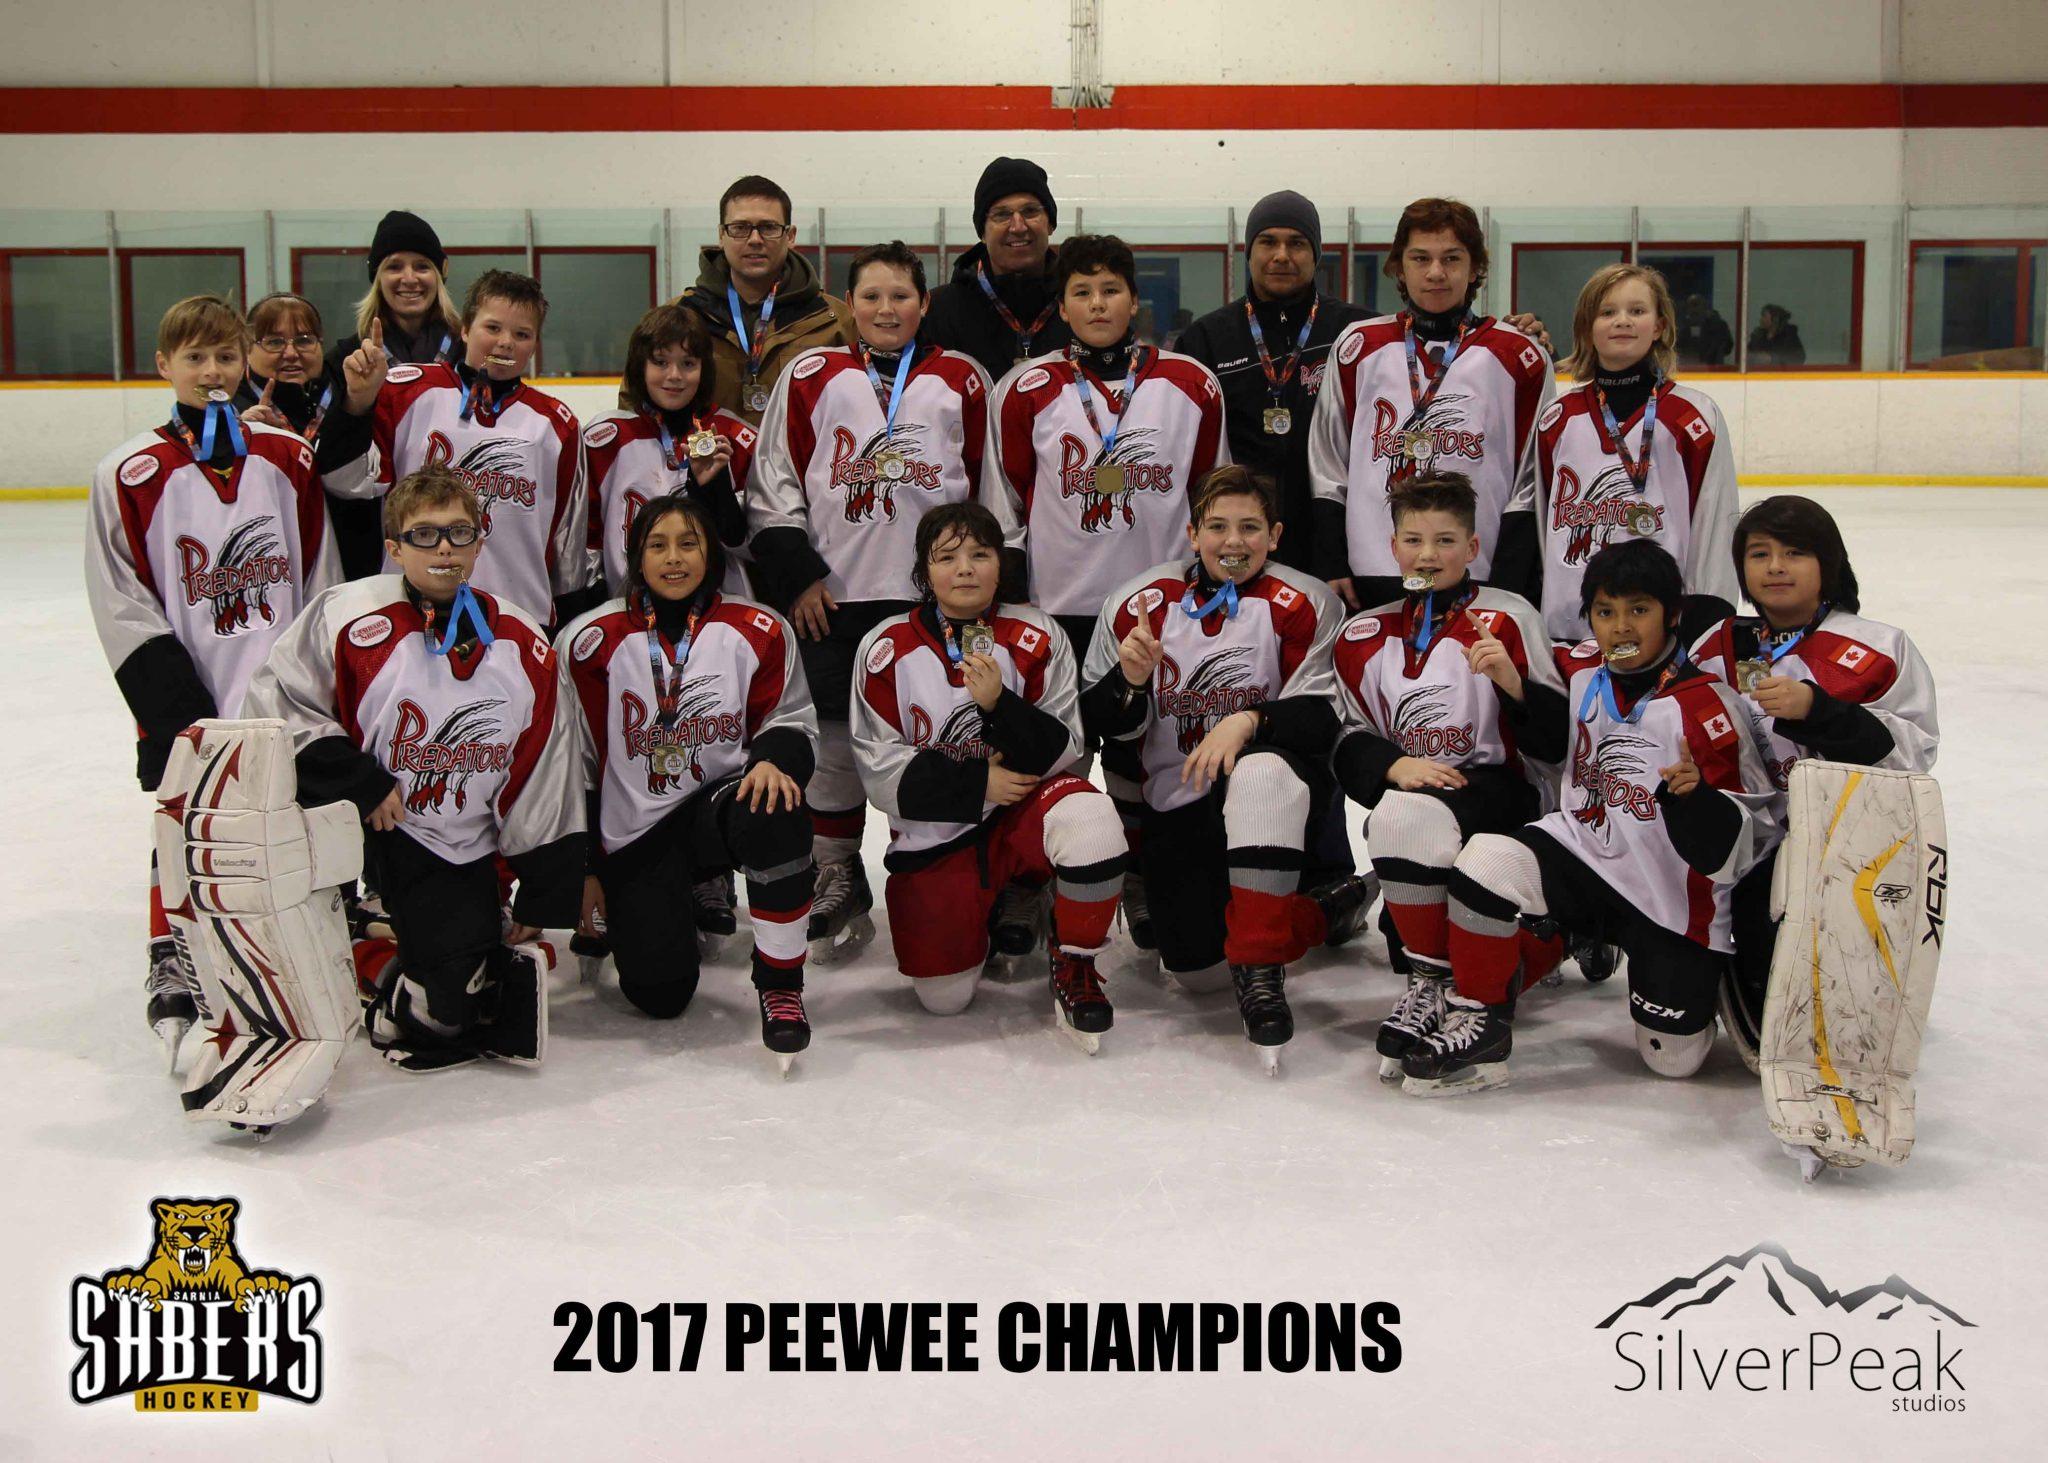 _Peewee Lambton Shores Predators Champions